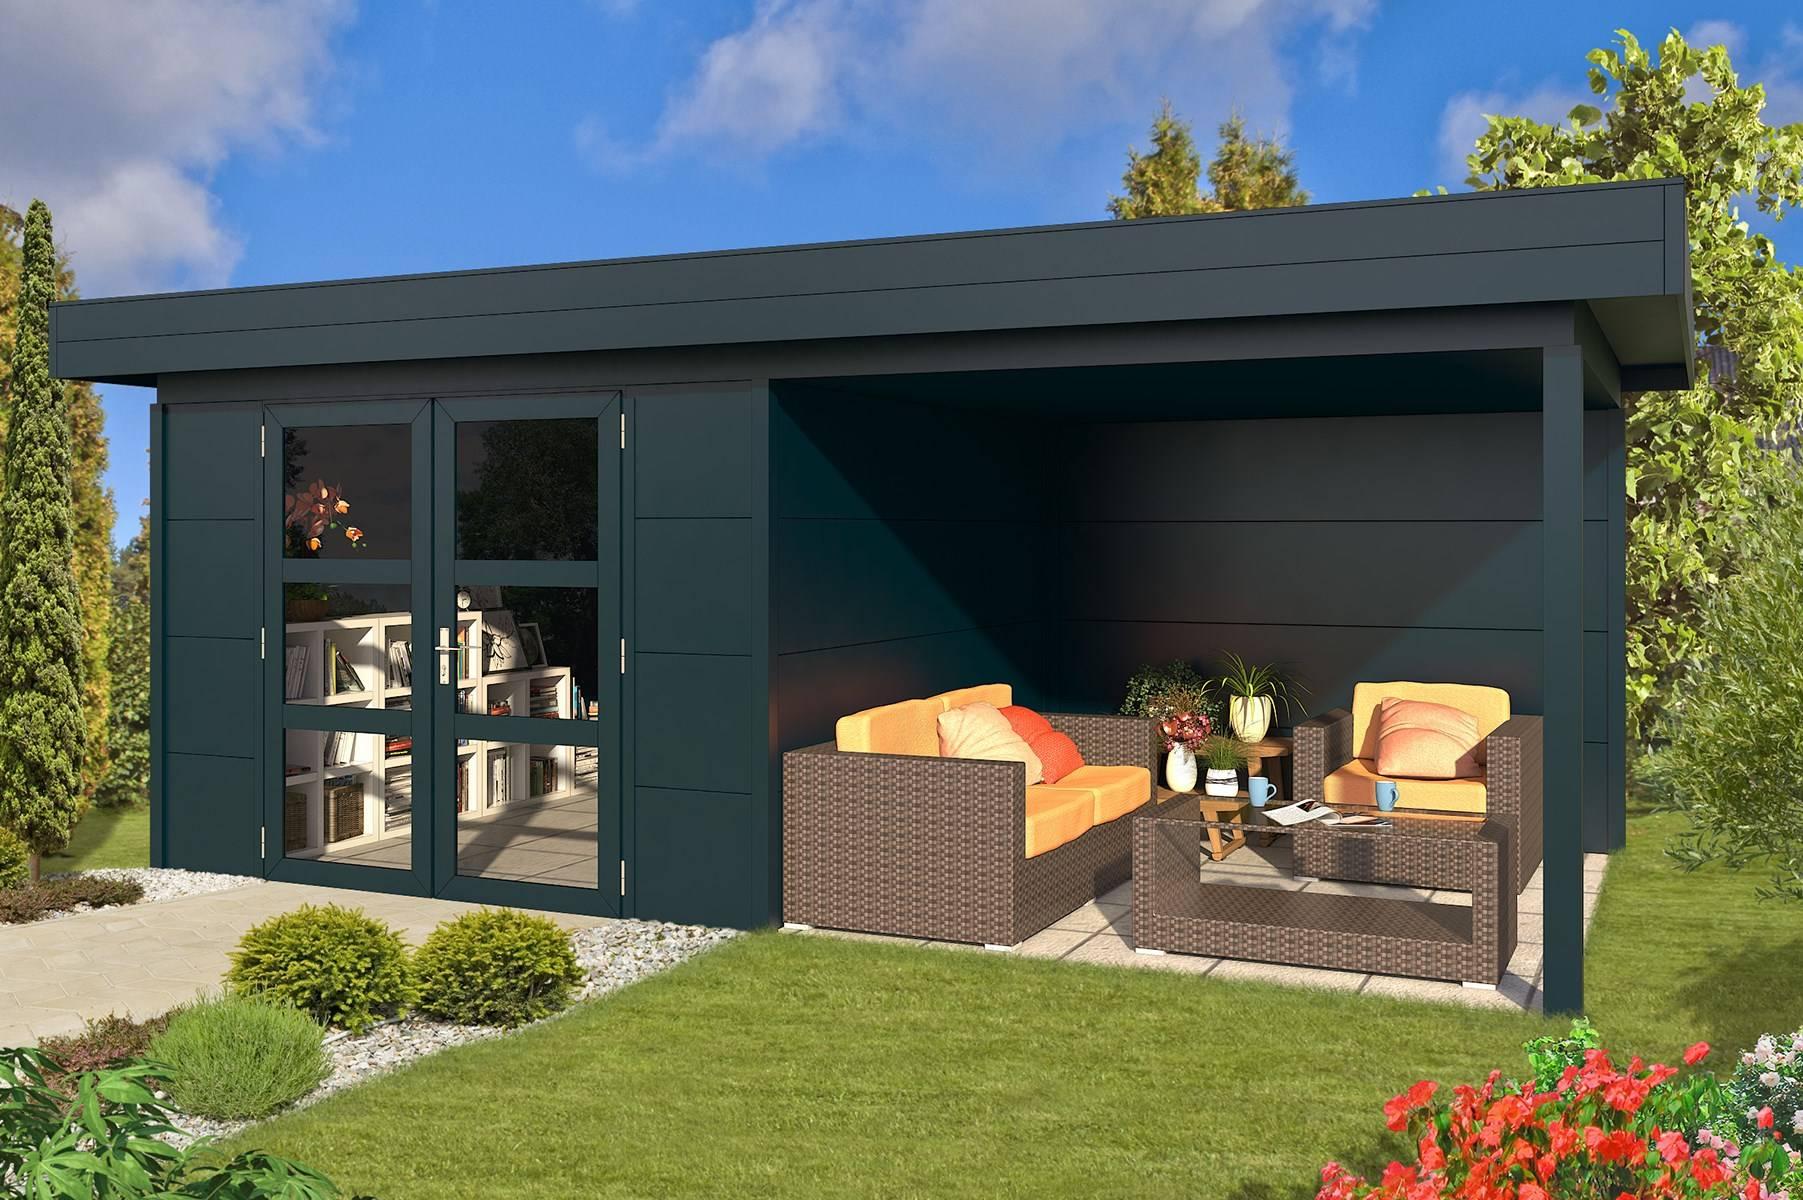 Outdoor Garden Cabin With Flat Roof From Roomoutdoors Ireland